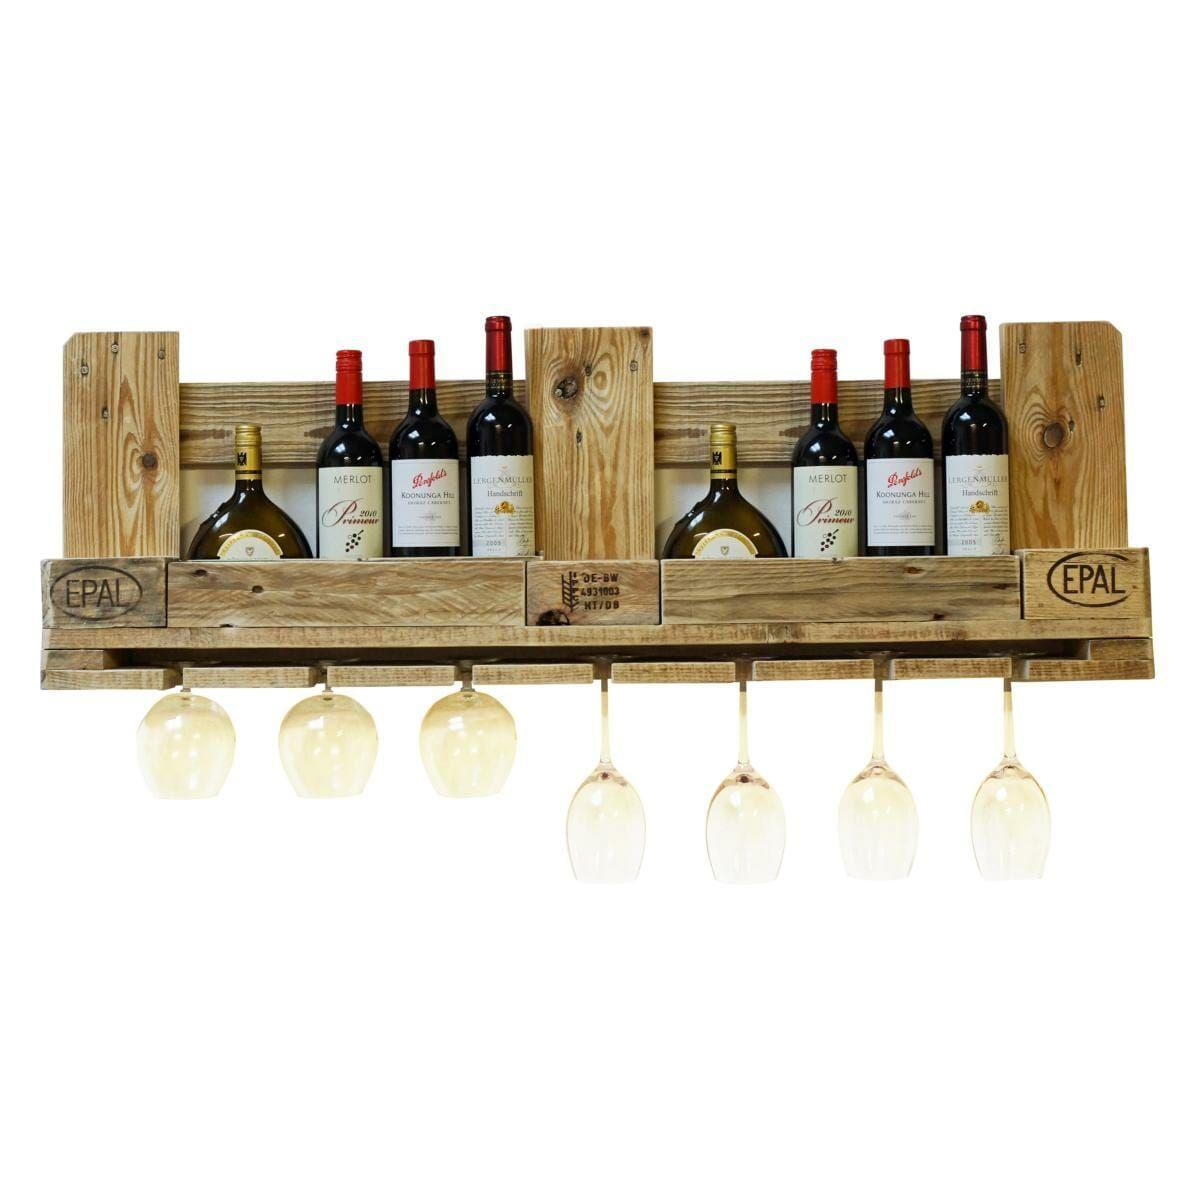 Casier à vin fait de palettes